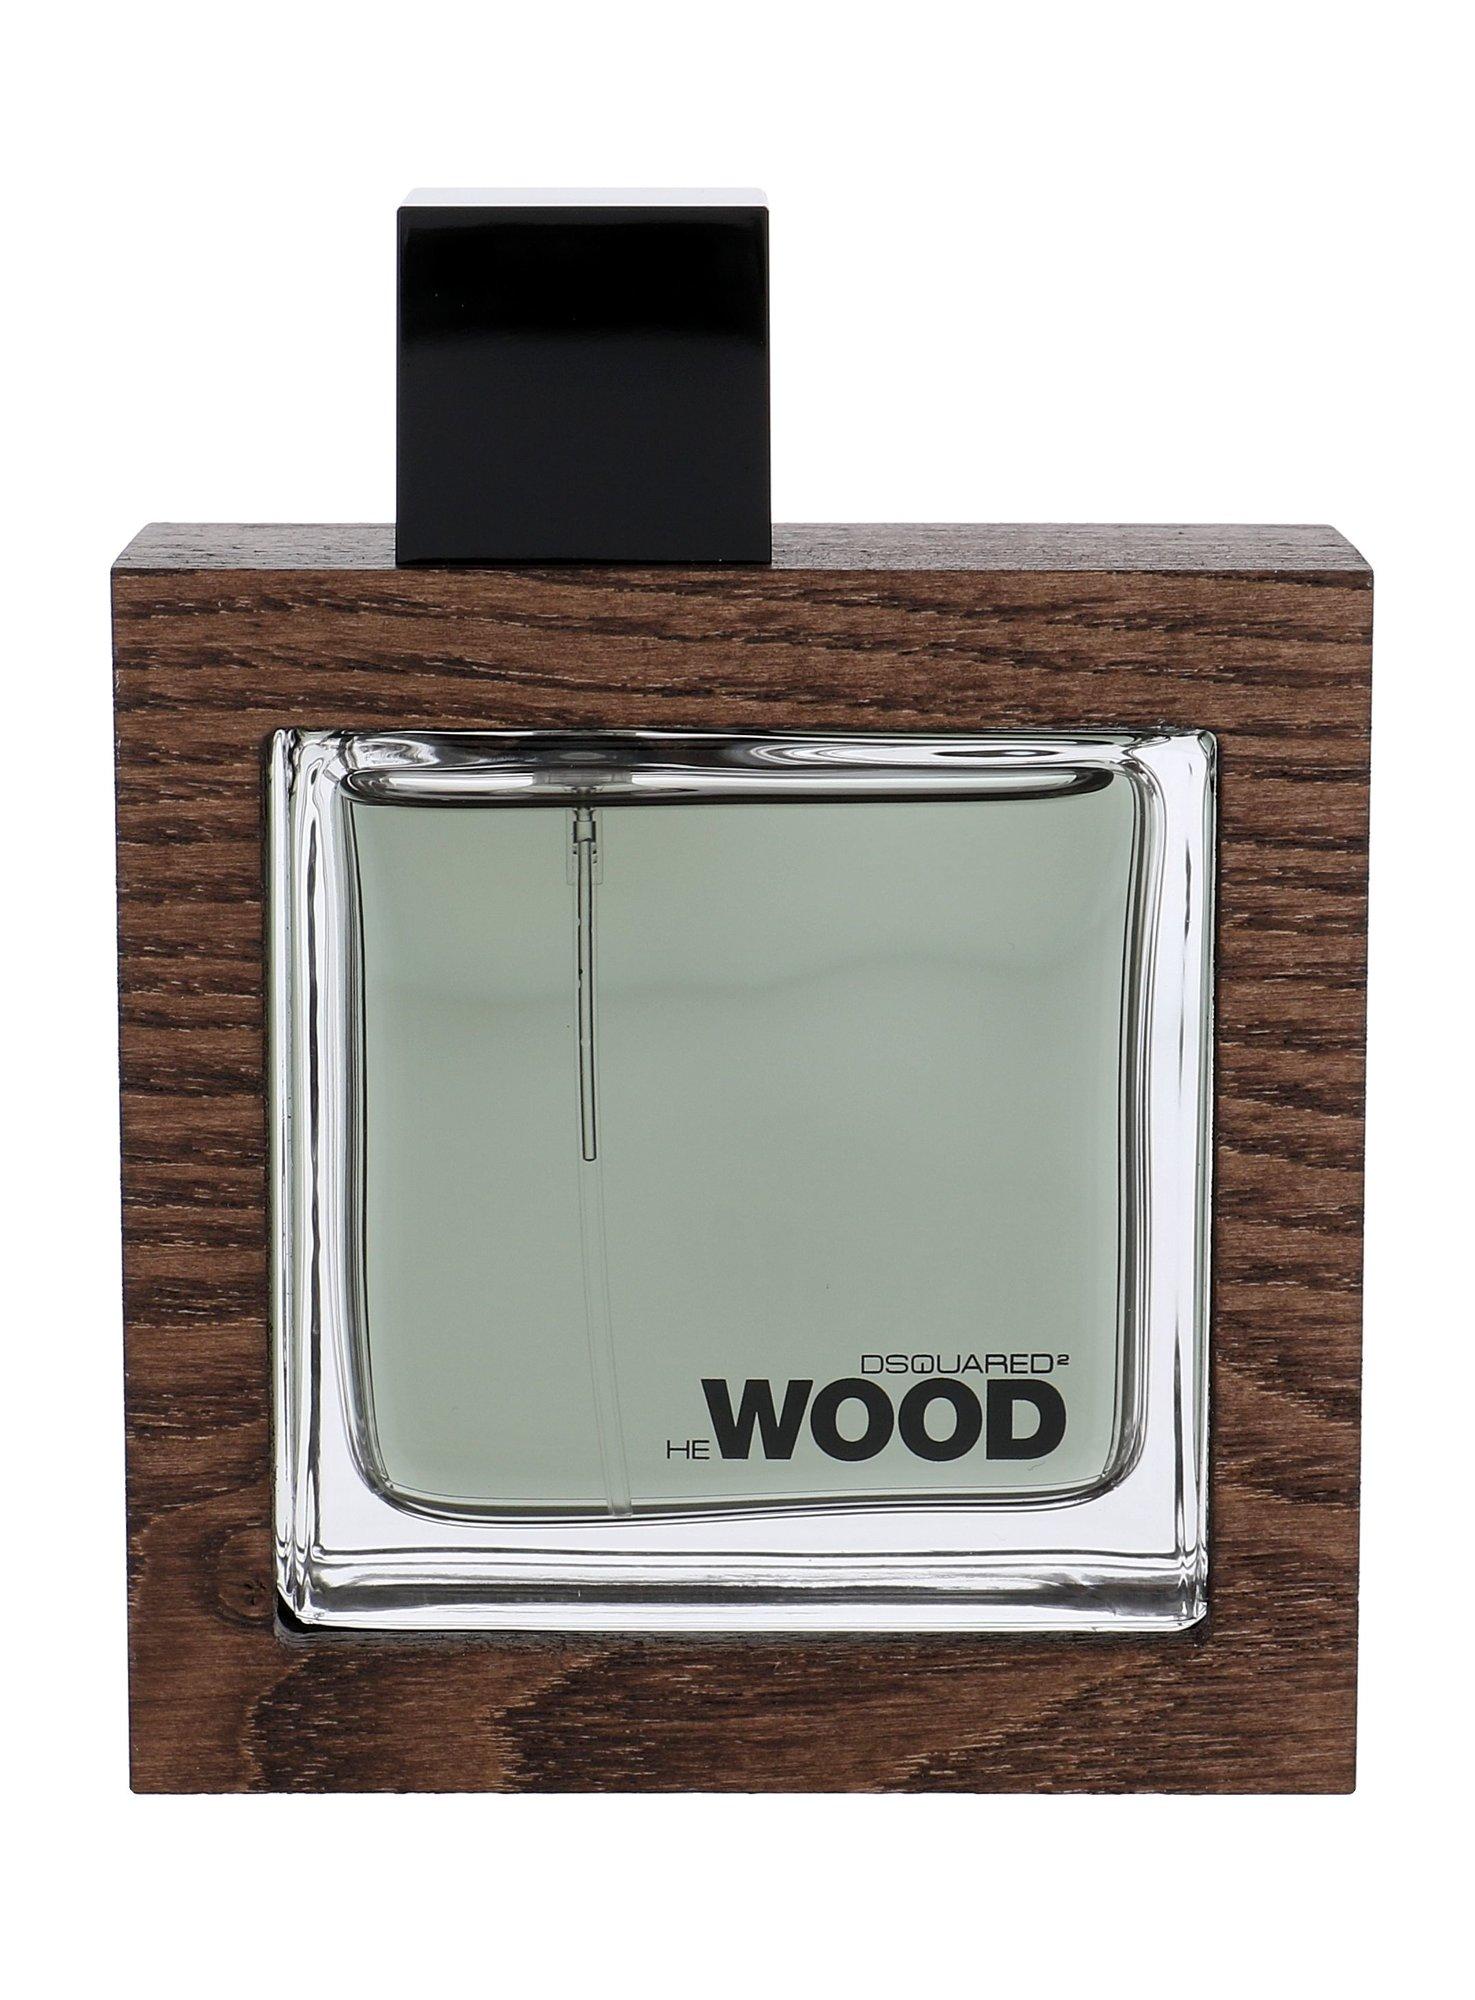 Dsquared2 He Wood Rocky Mountain Wood Eau de Toilette 50ml